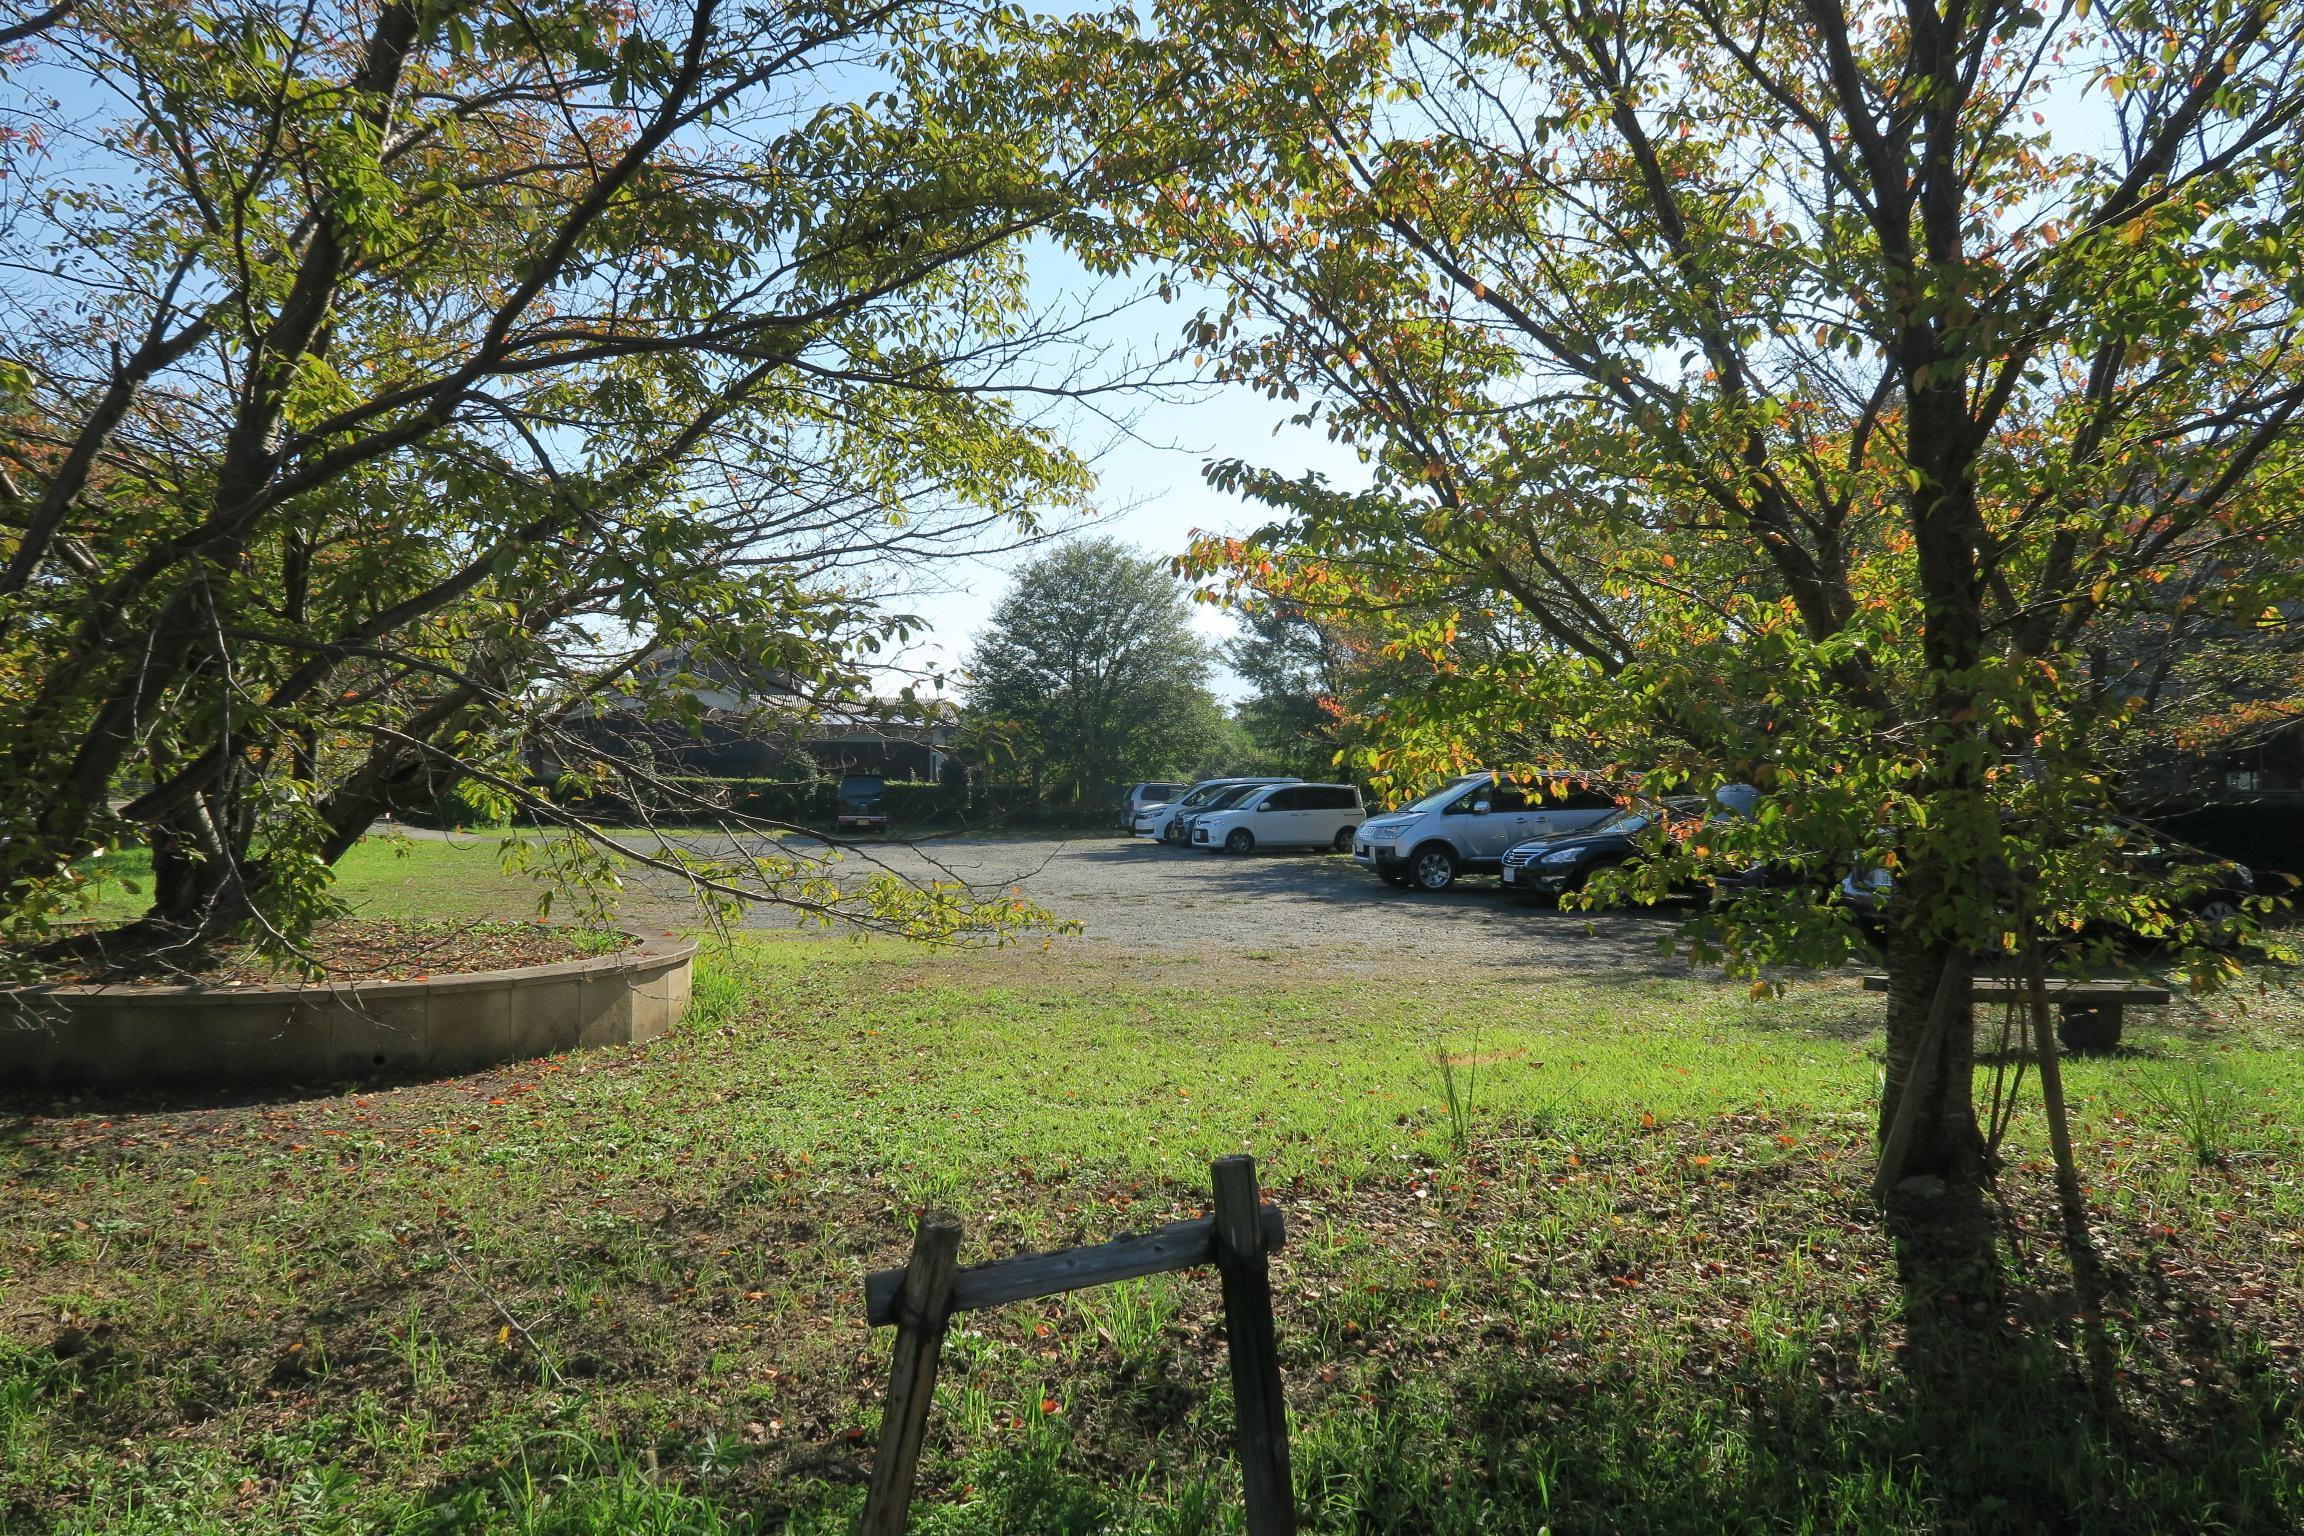 周辺には無料駐車場が用意されています。早朝は問題なく停めることができました。